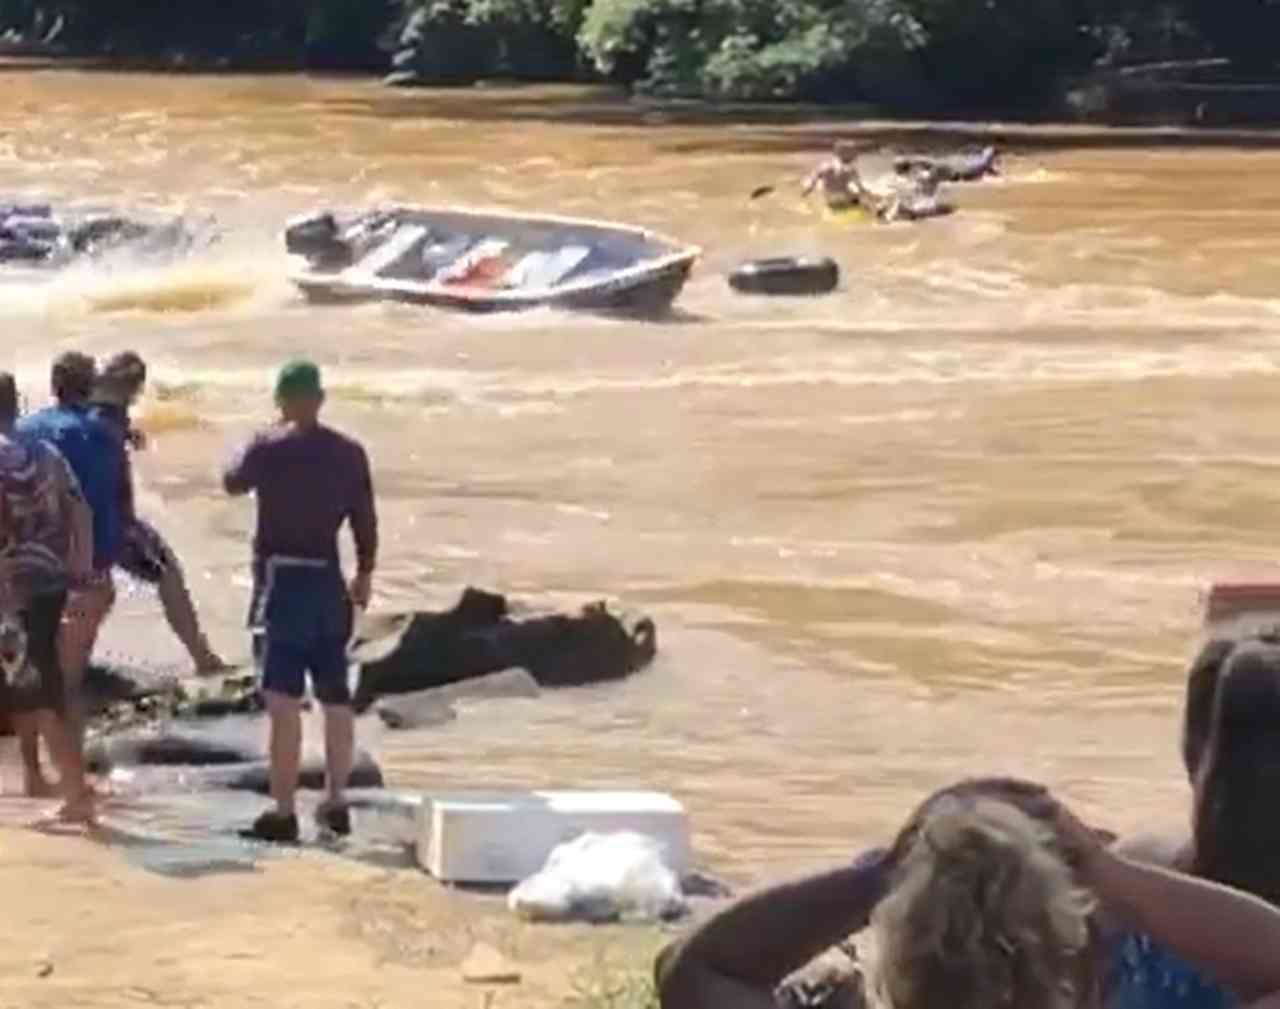 Canoa desgovernada quase provoca acidente